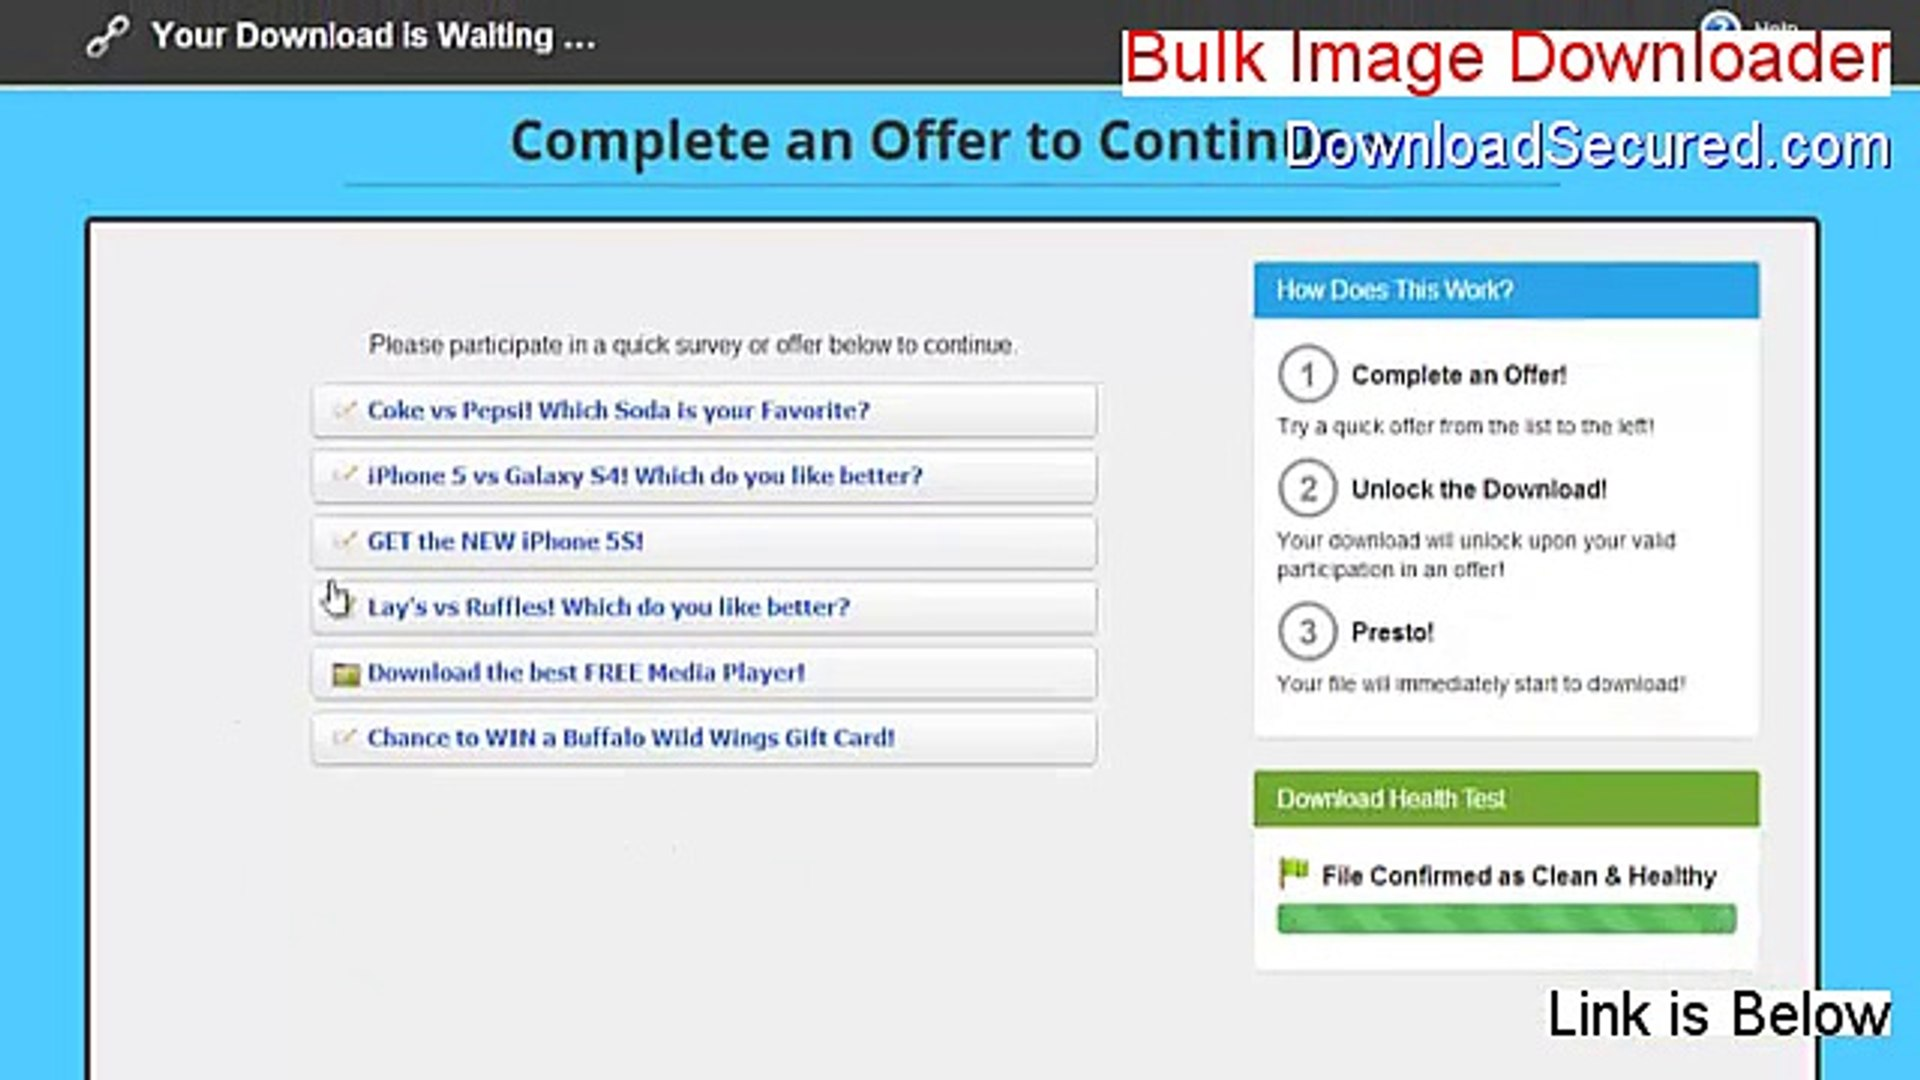 Bulk Image Downloader 2020